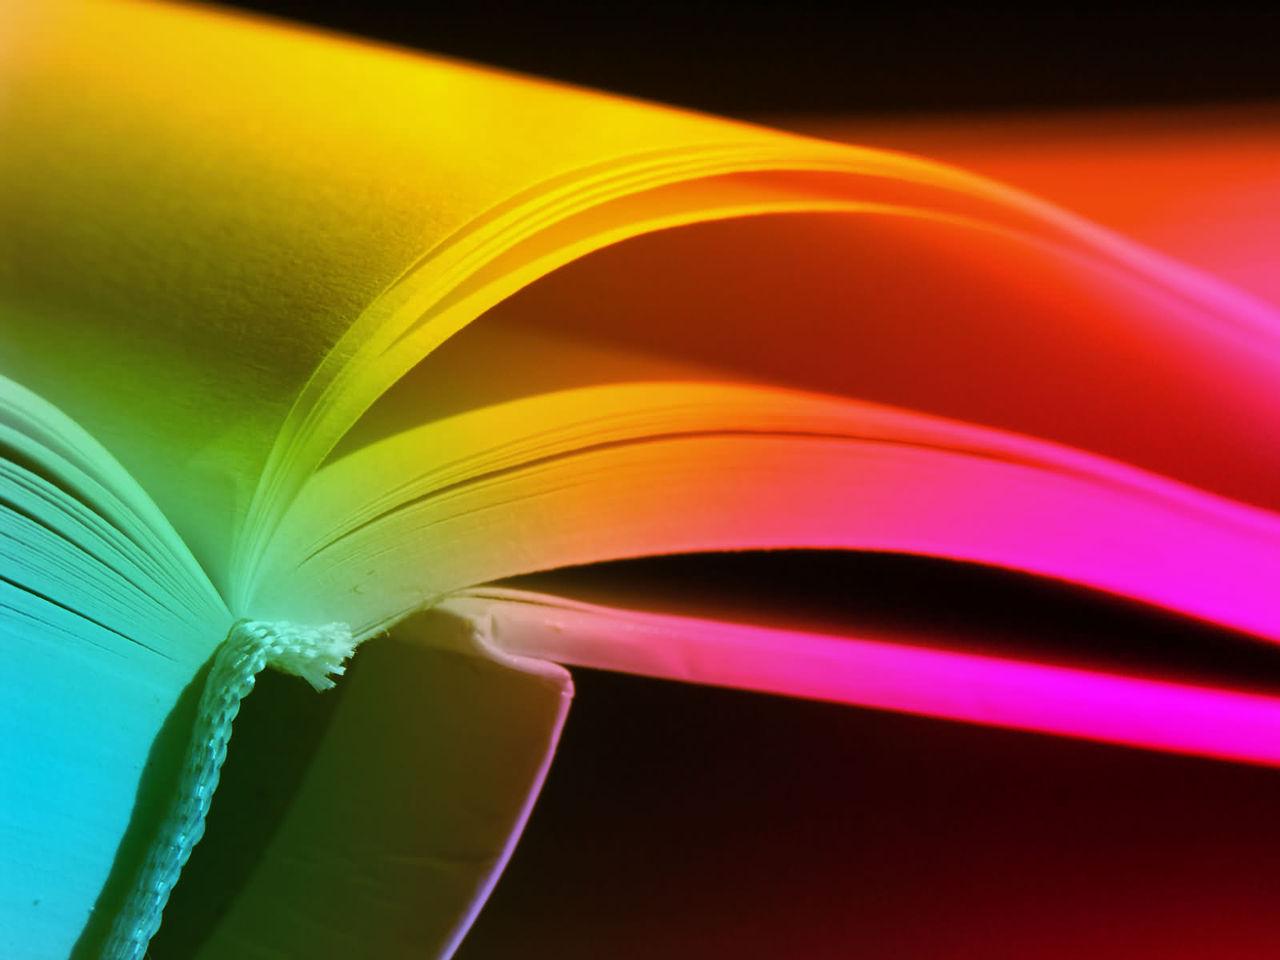 gkleurd boek